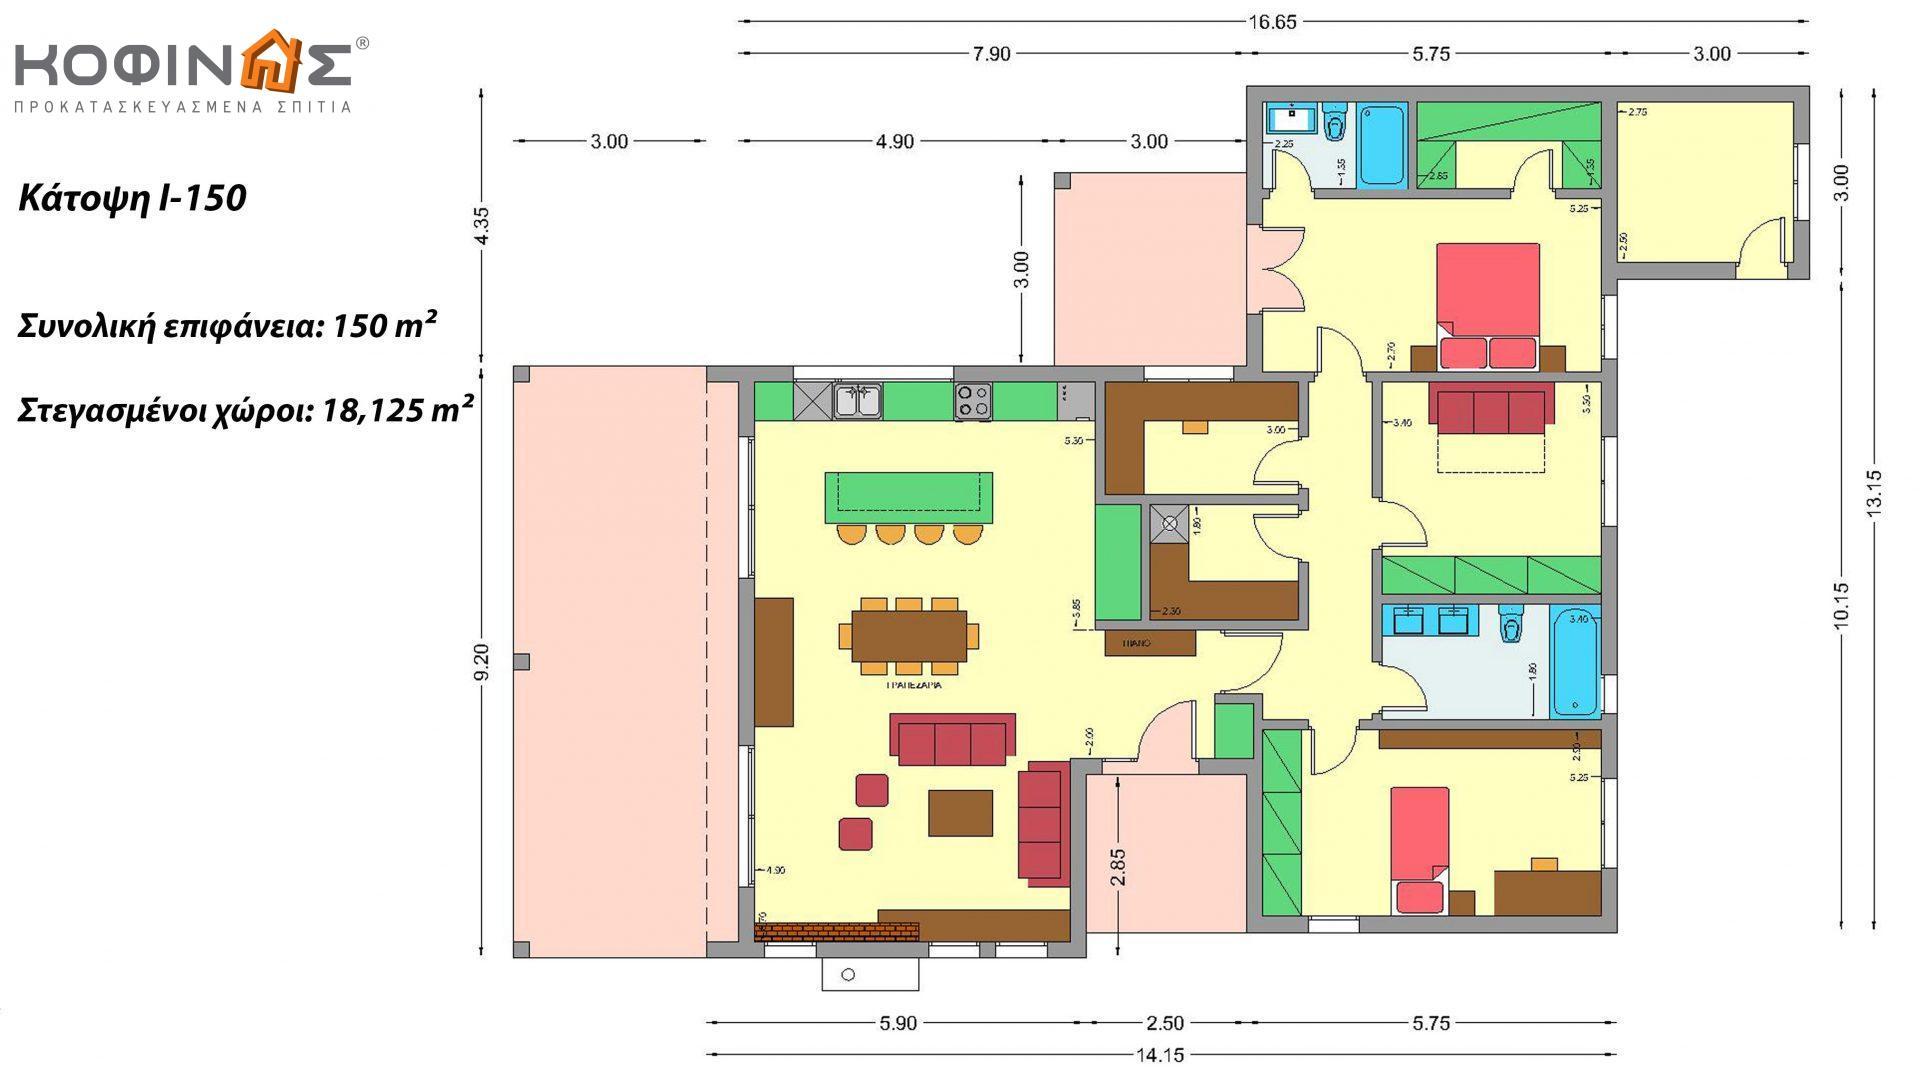 Ισόγεια Κατοικία I-150, συνολικής επιφάνειας 150 τ.μ.